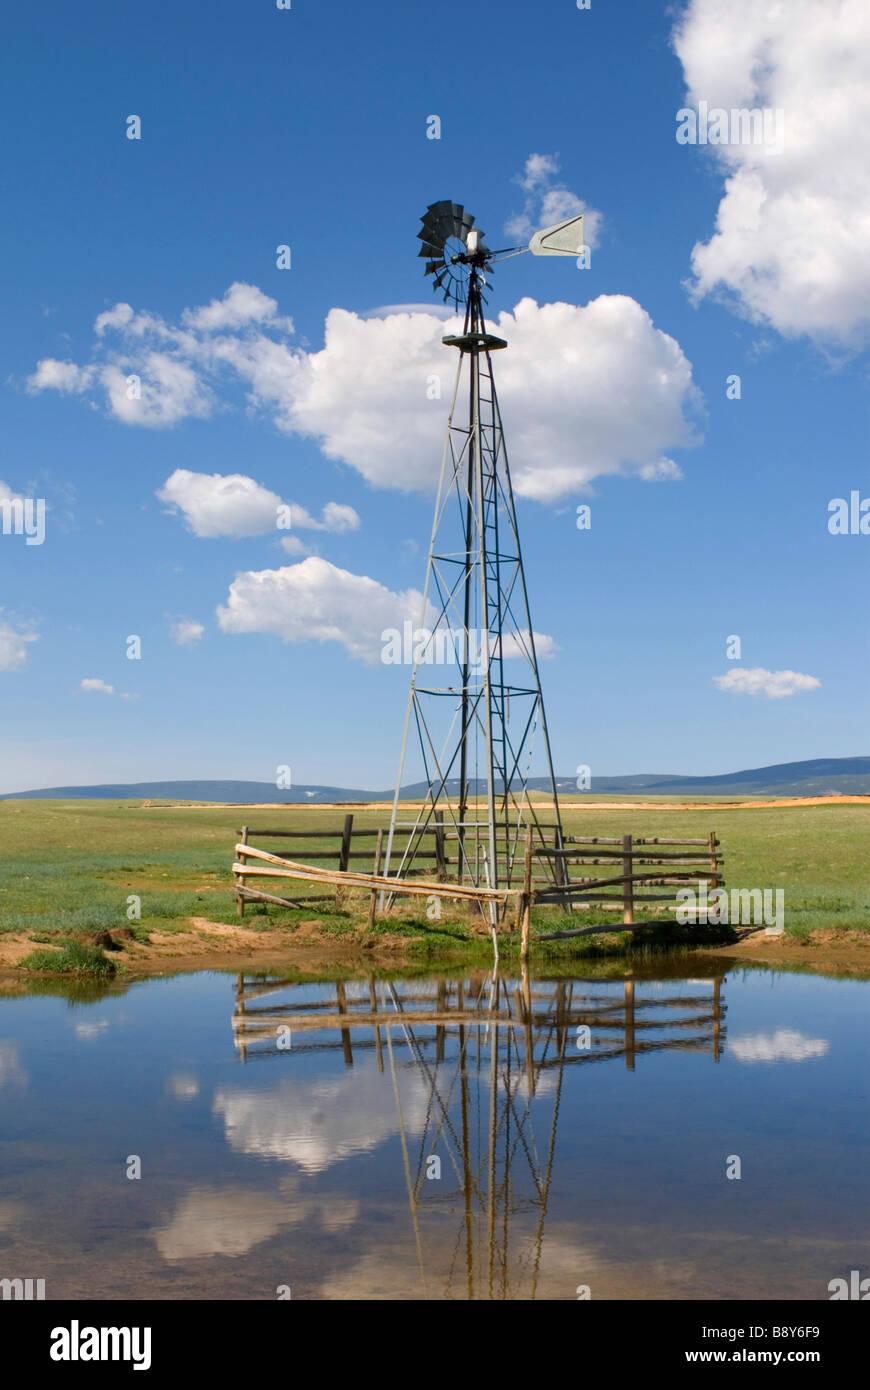 La riflessione di un mulino a vento industriale in acqua, Wyoming USA Immagini Stock